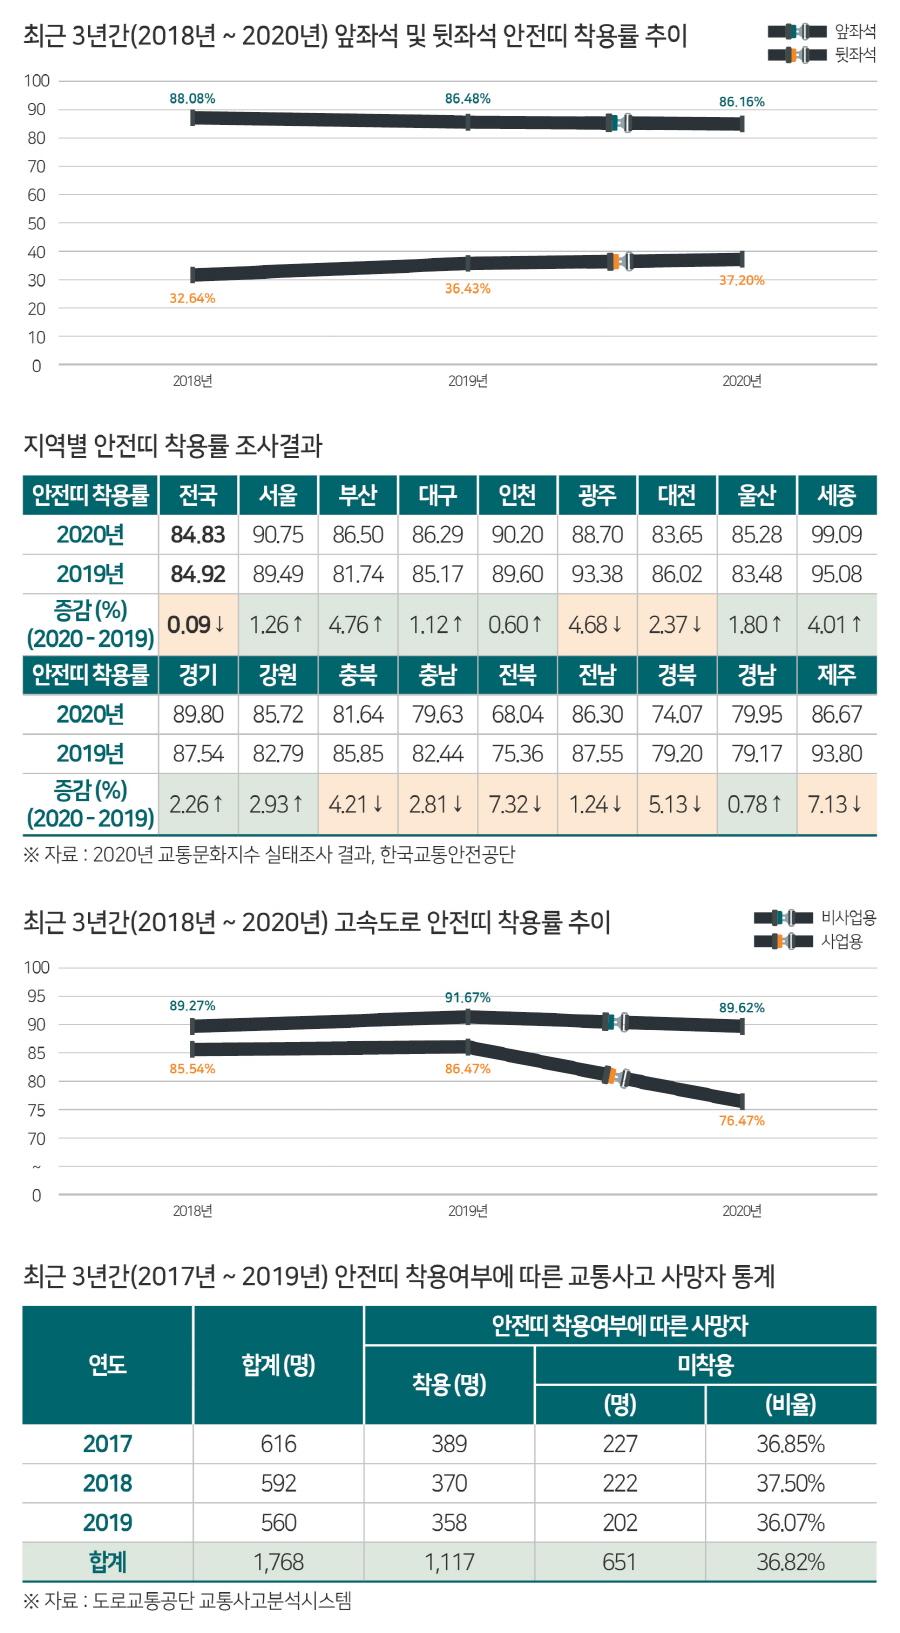 2020년 교통문화지수 실태조사, 안전띠 착용률 84.83%